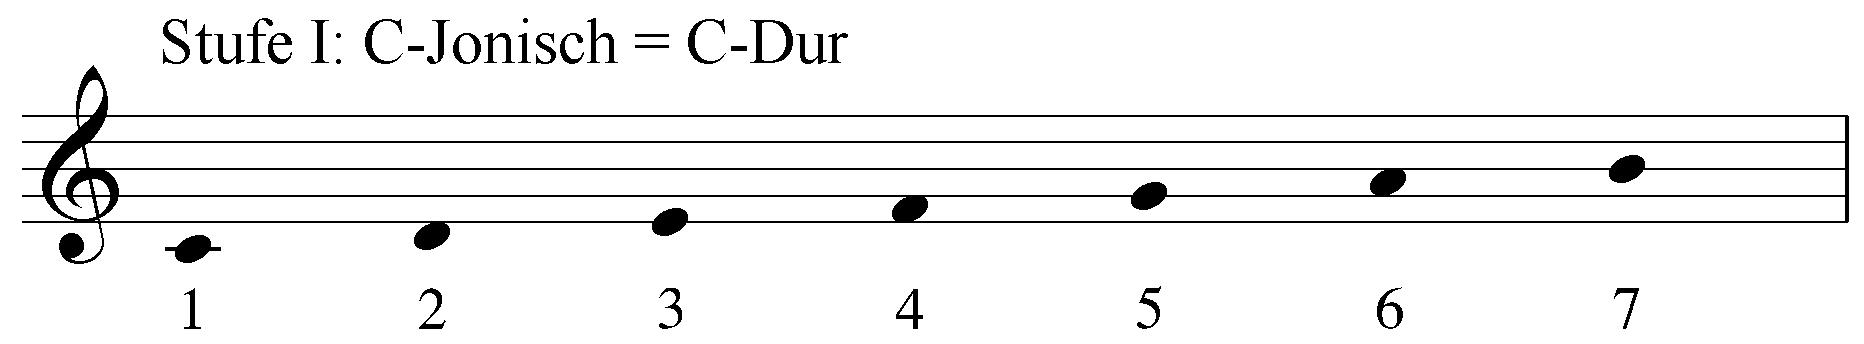 Stufe1 C-Ionisch = C-Dur